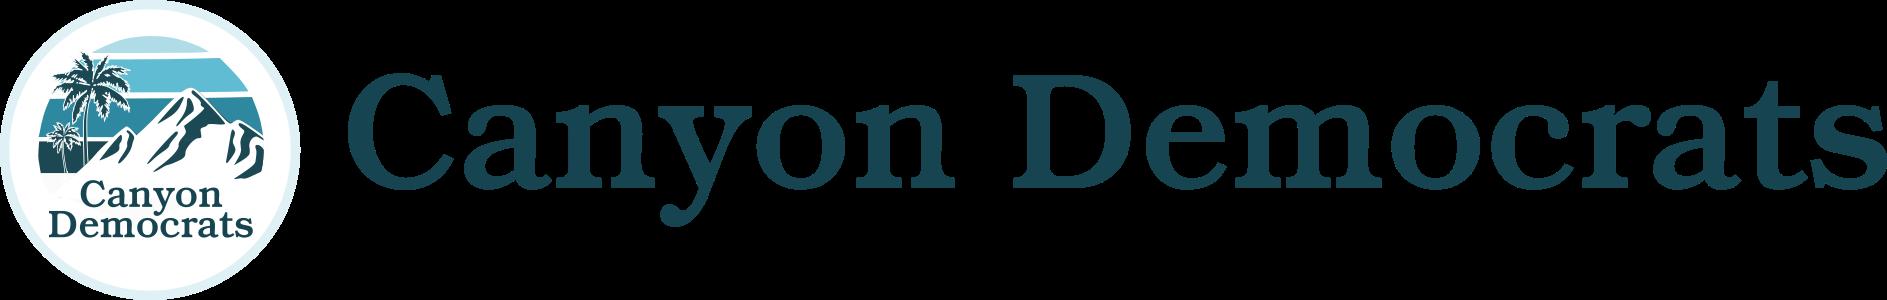 Canyon Democrats